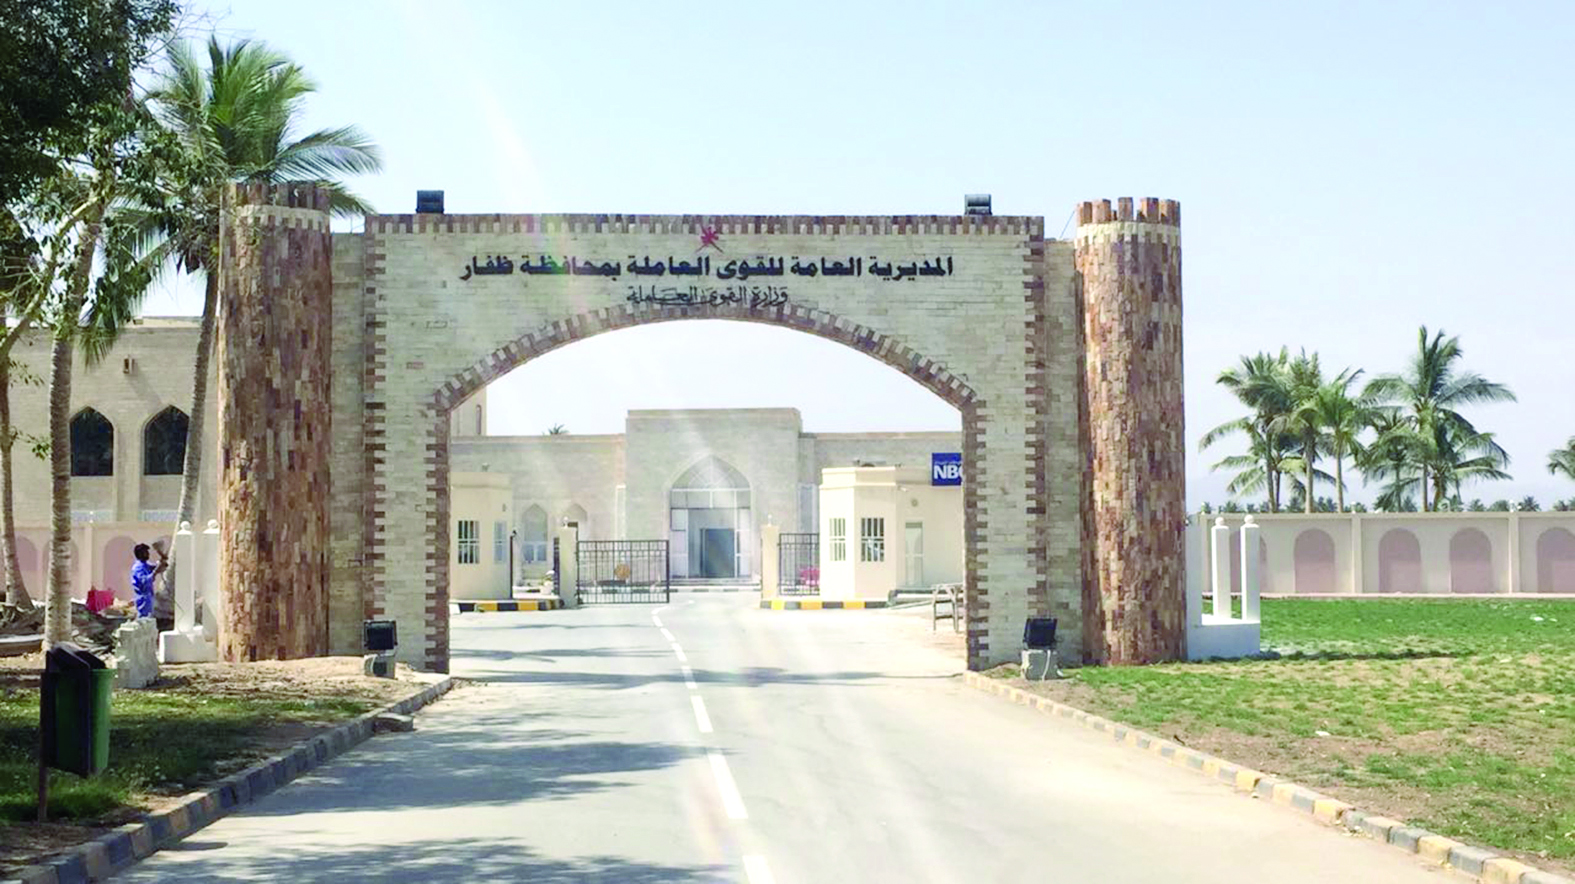 2500 مواطن استفادوا من اتفاقيات الأجور في ظفار